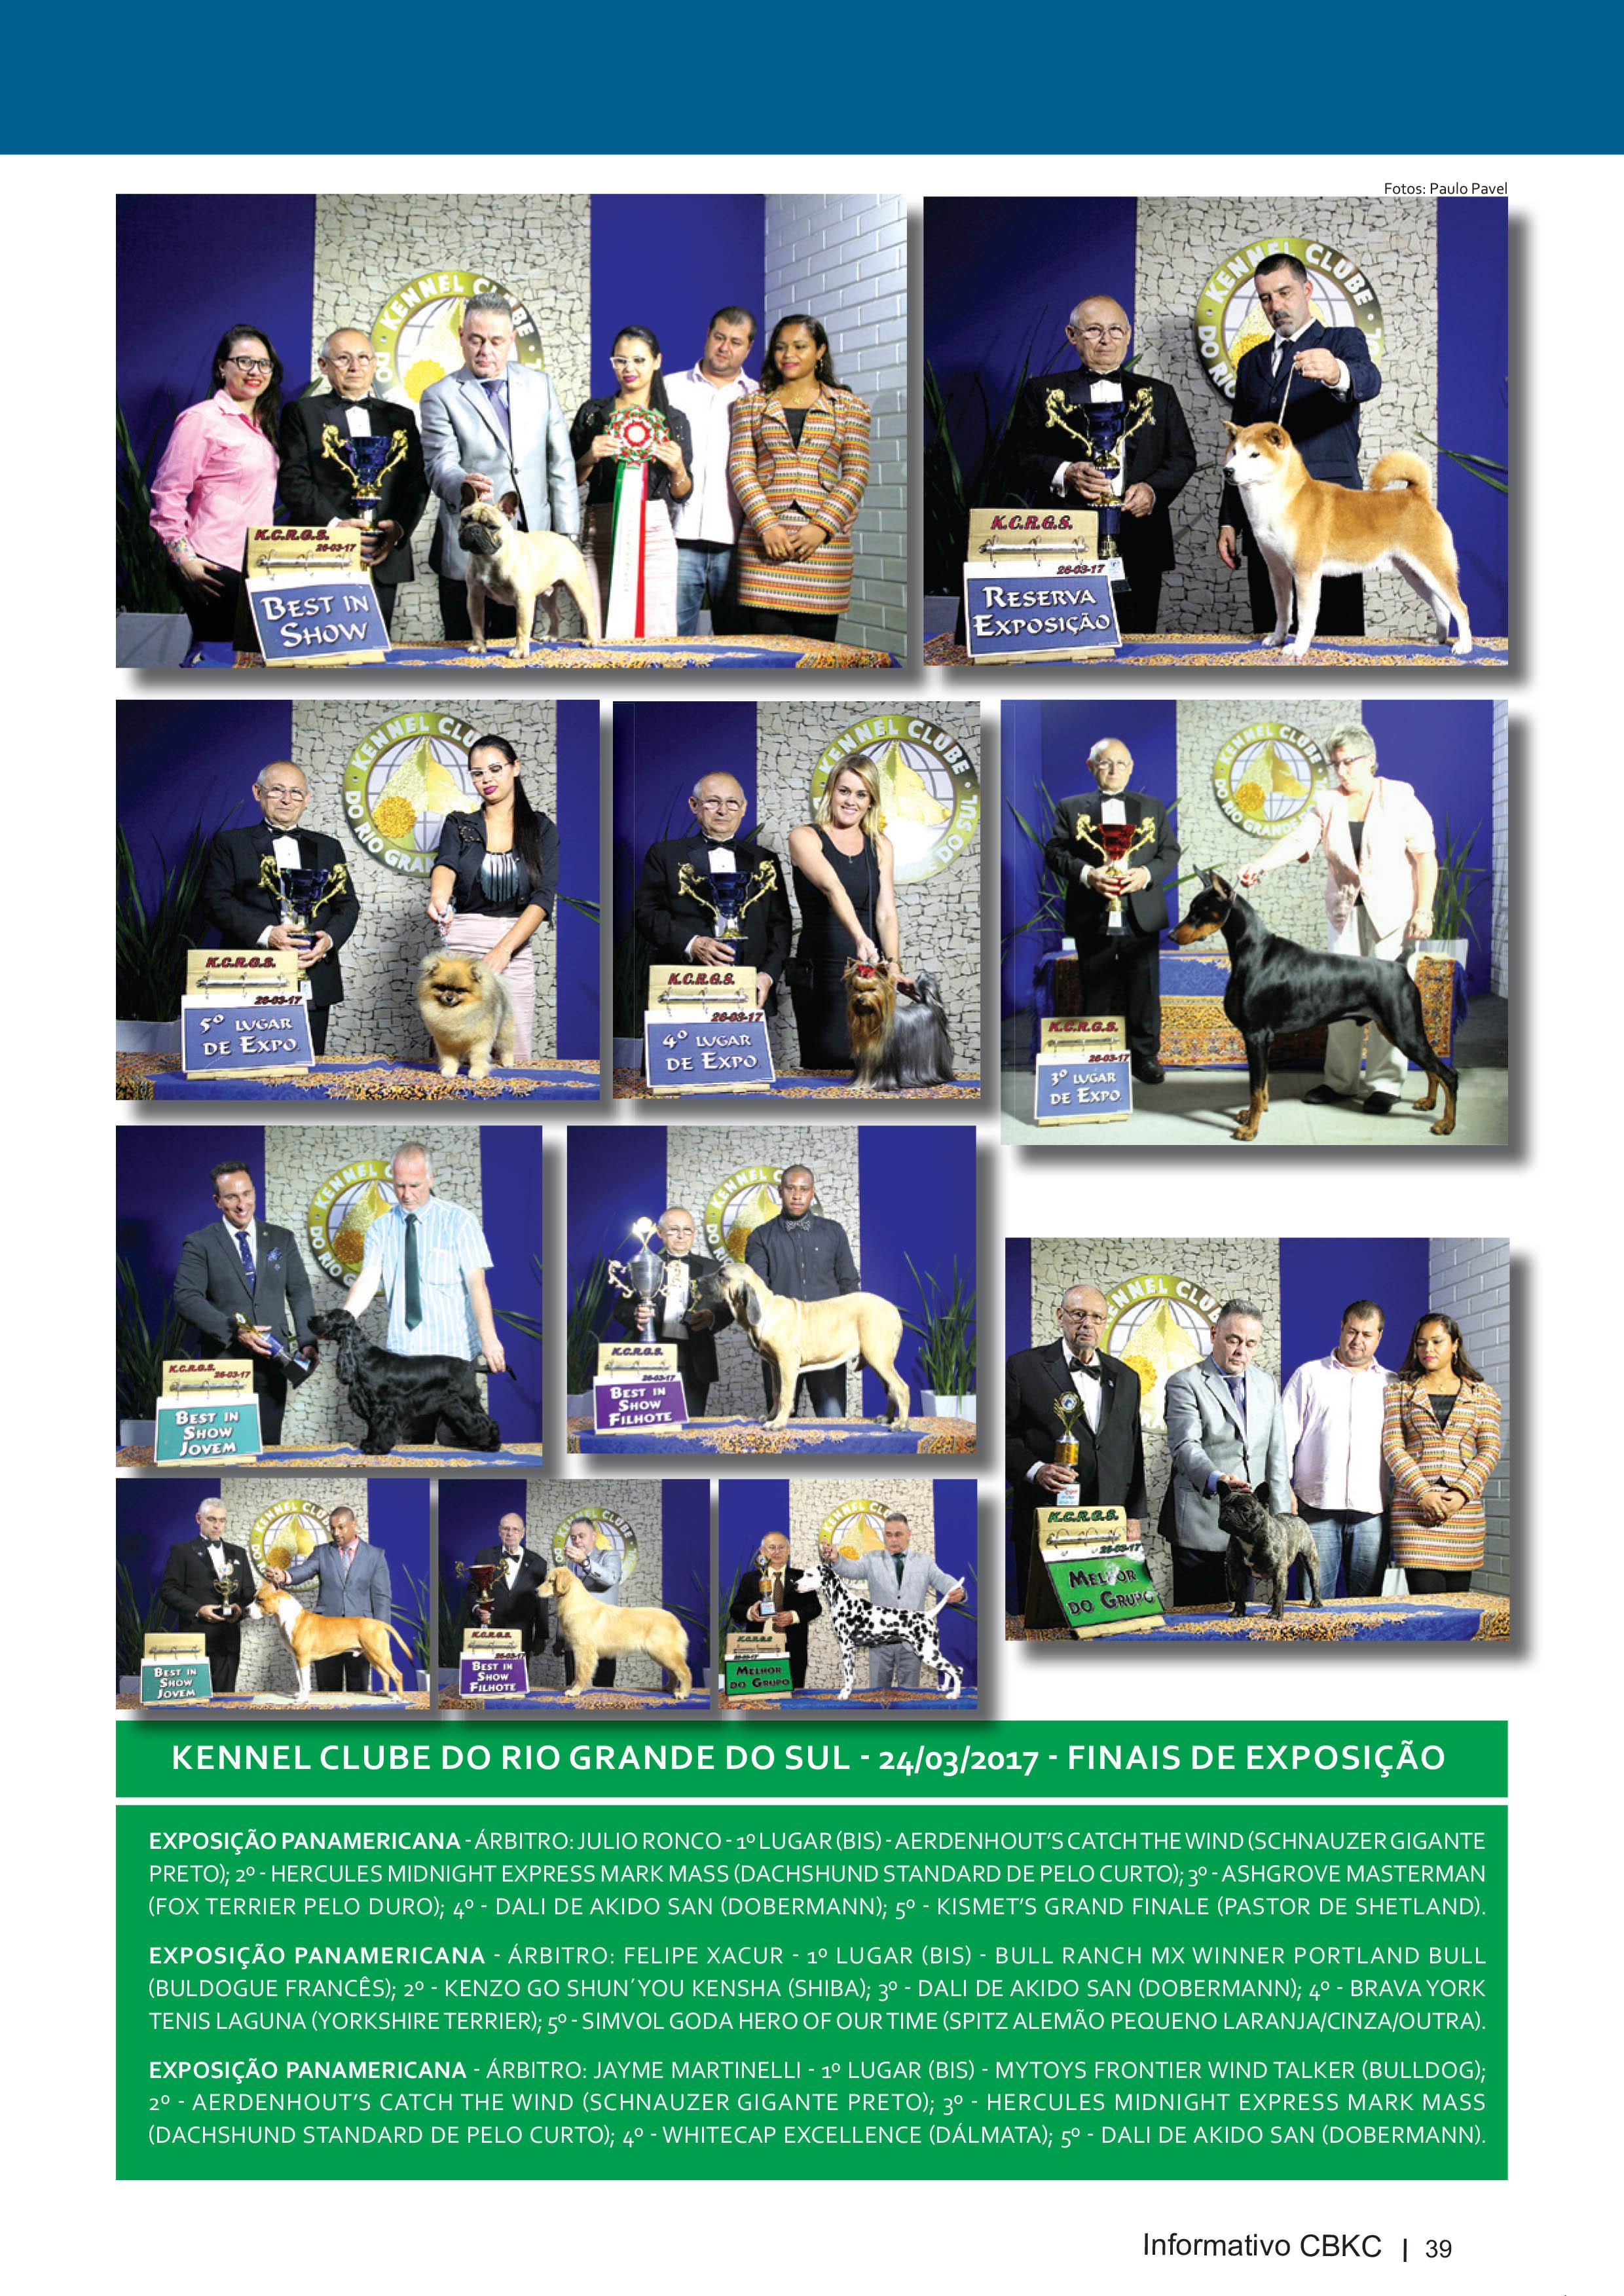 Pagina 39| Edição 54 do Informativo CBKC